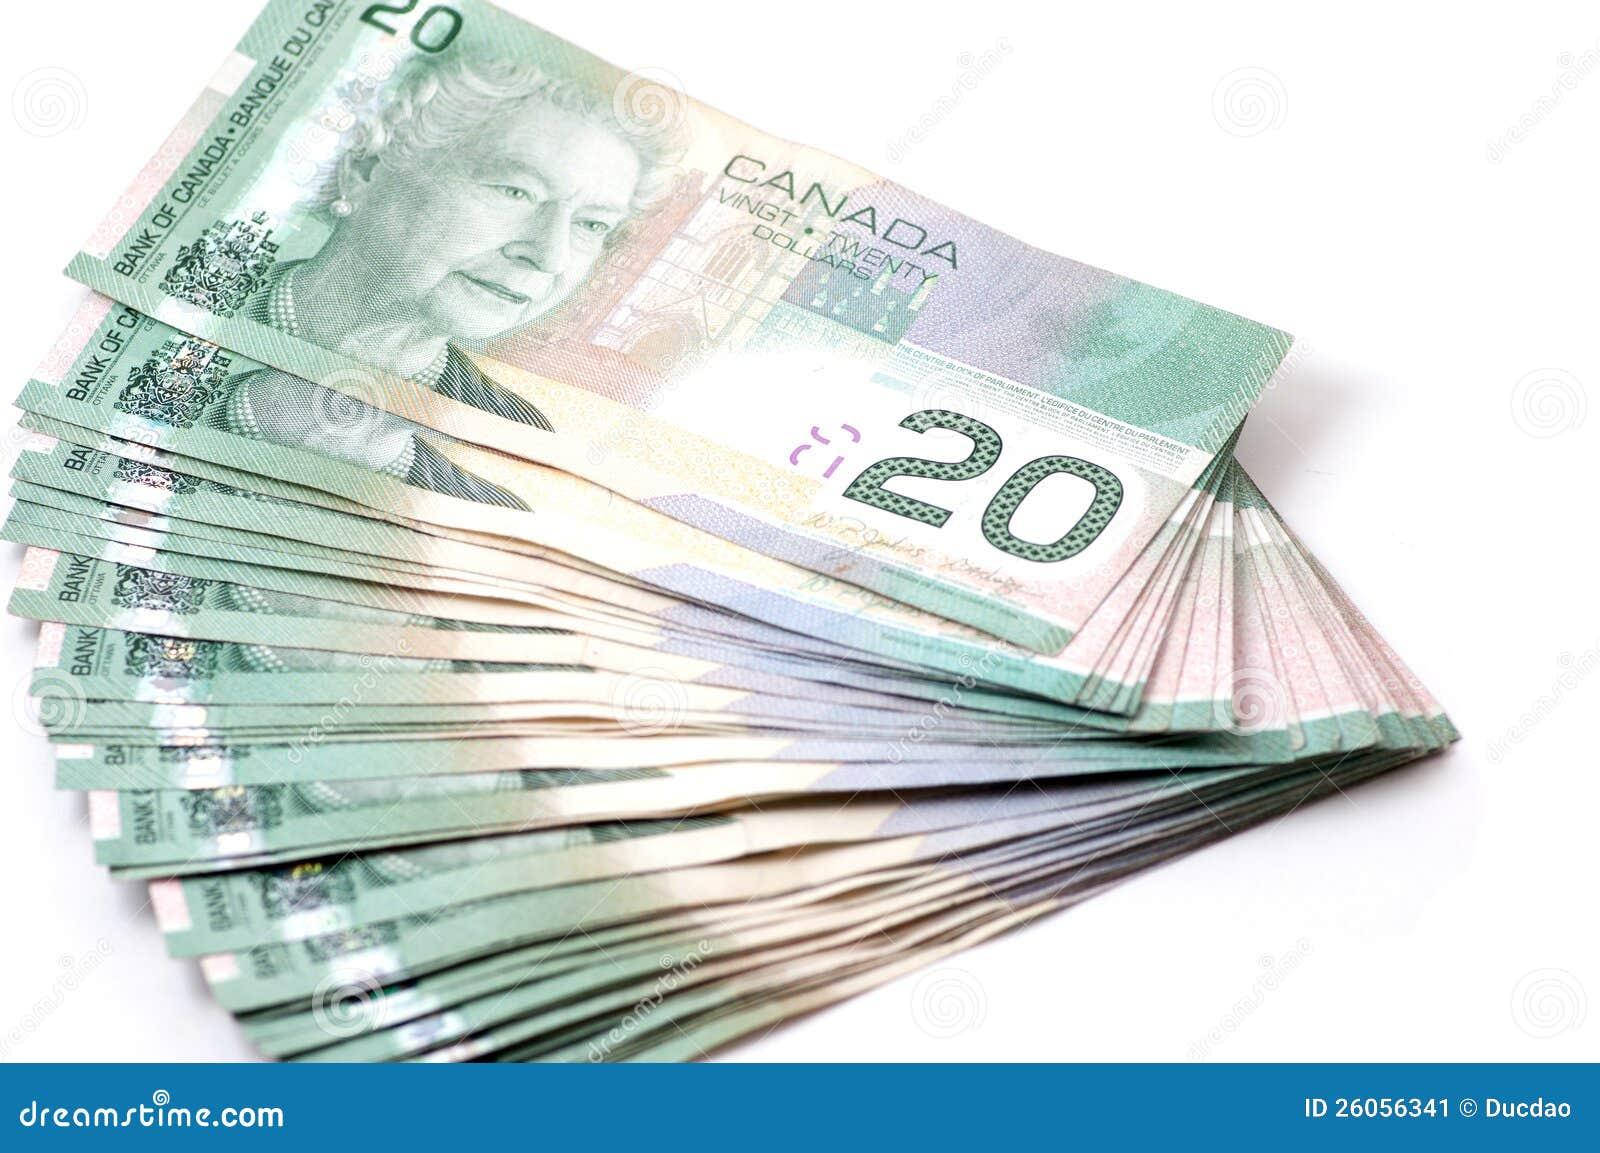 Canadá 20 dólares de cuentas